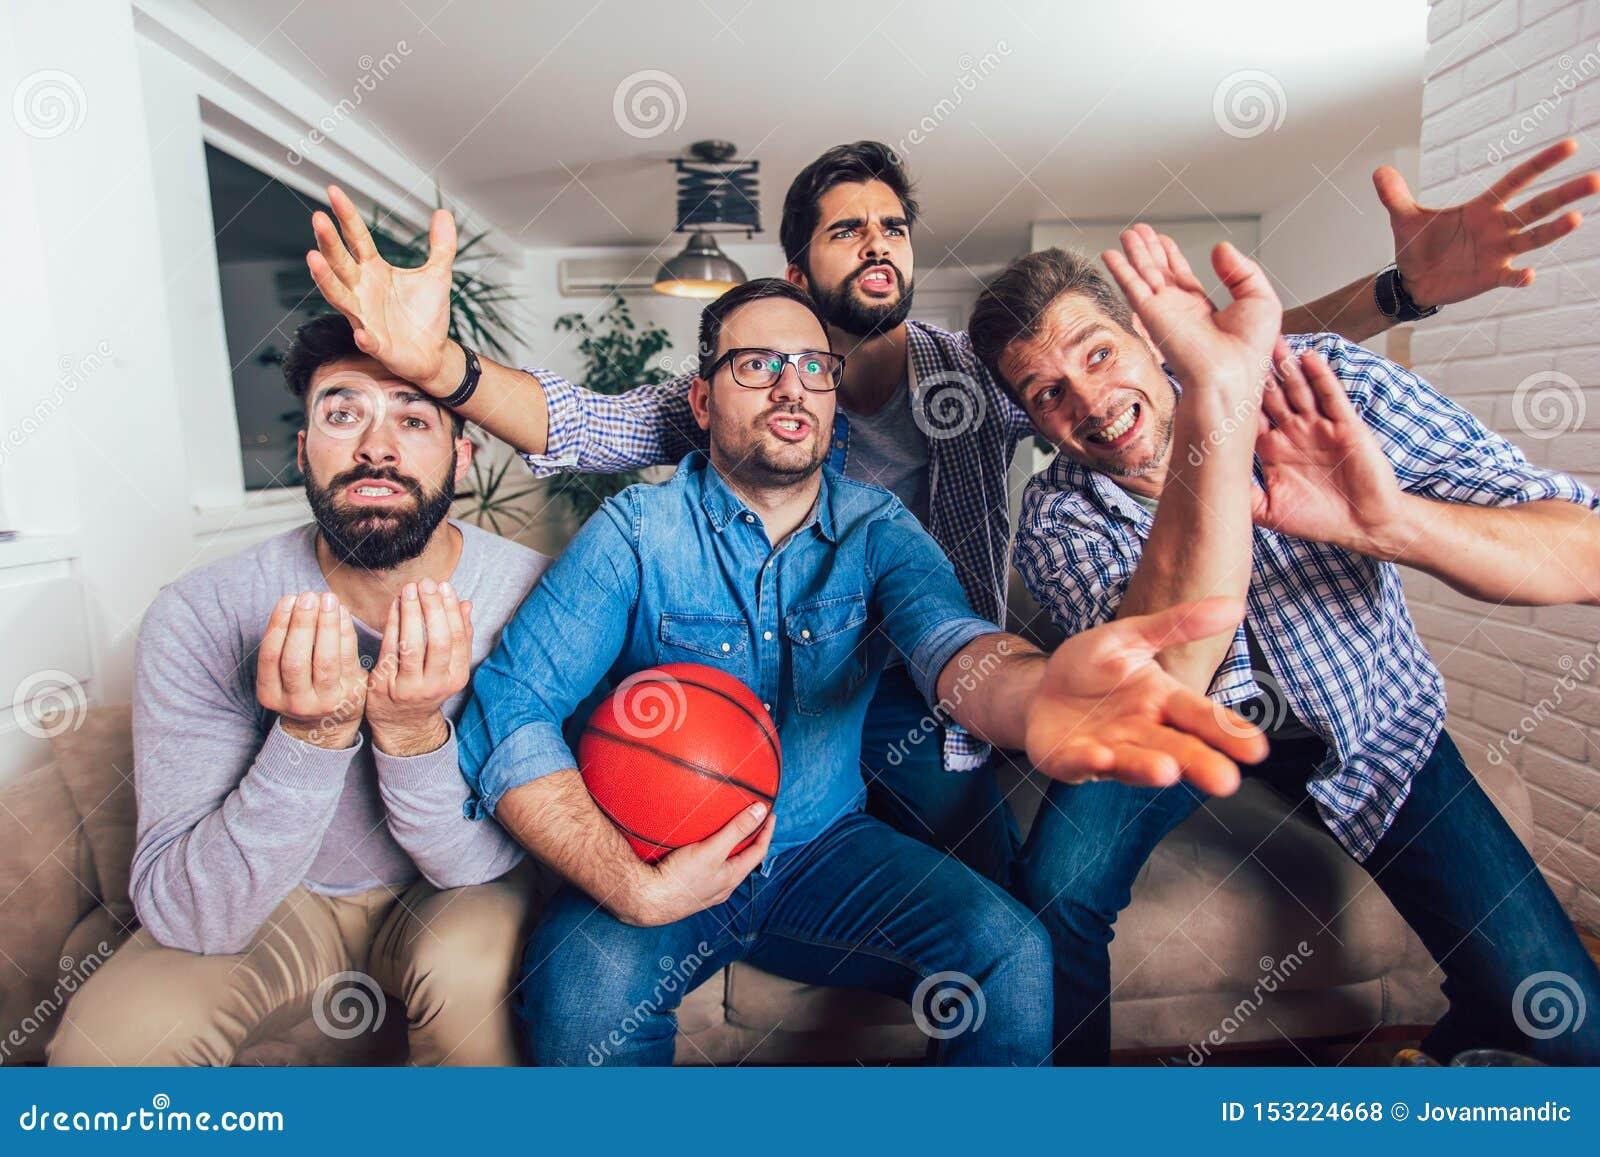 Unholde oder Basketballfans, die Basketballspiel im Fernsehen aufpassen und zu Hause Sieg feiern Freundschaft, Sport und